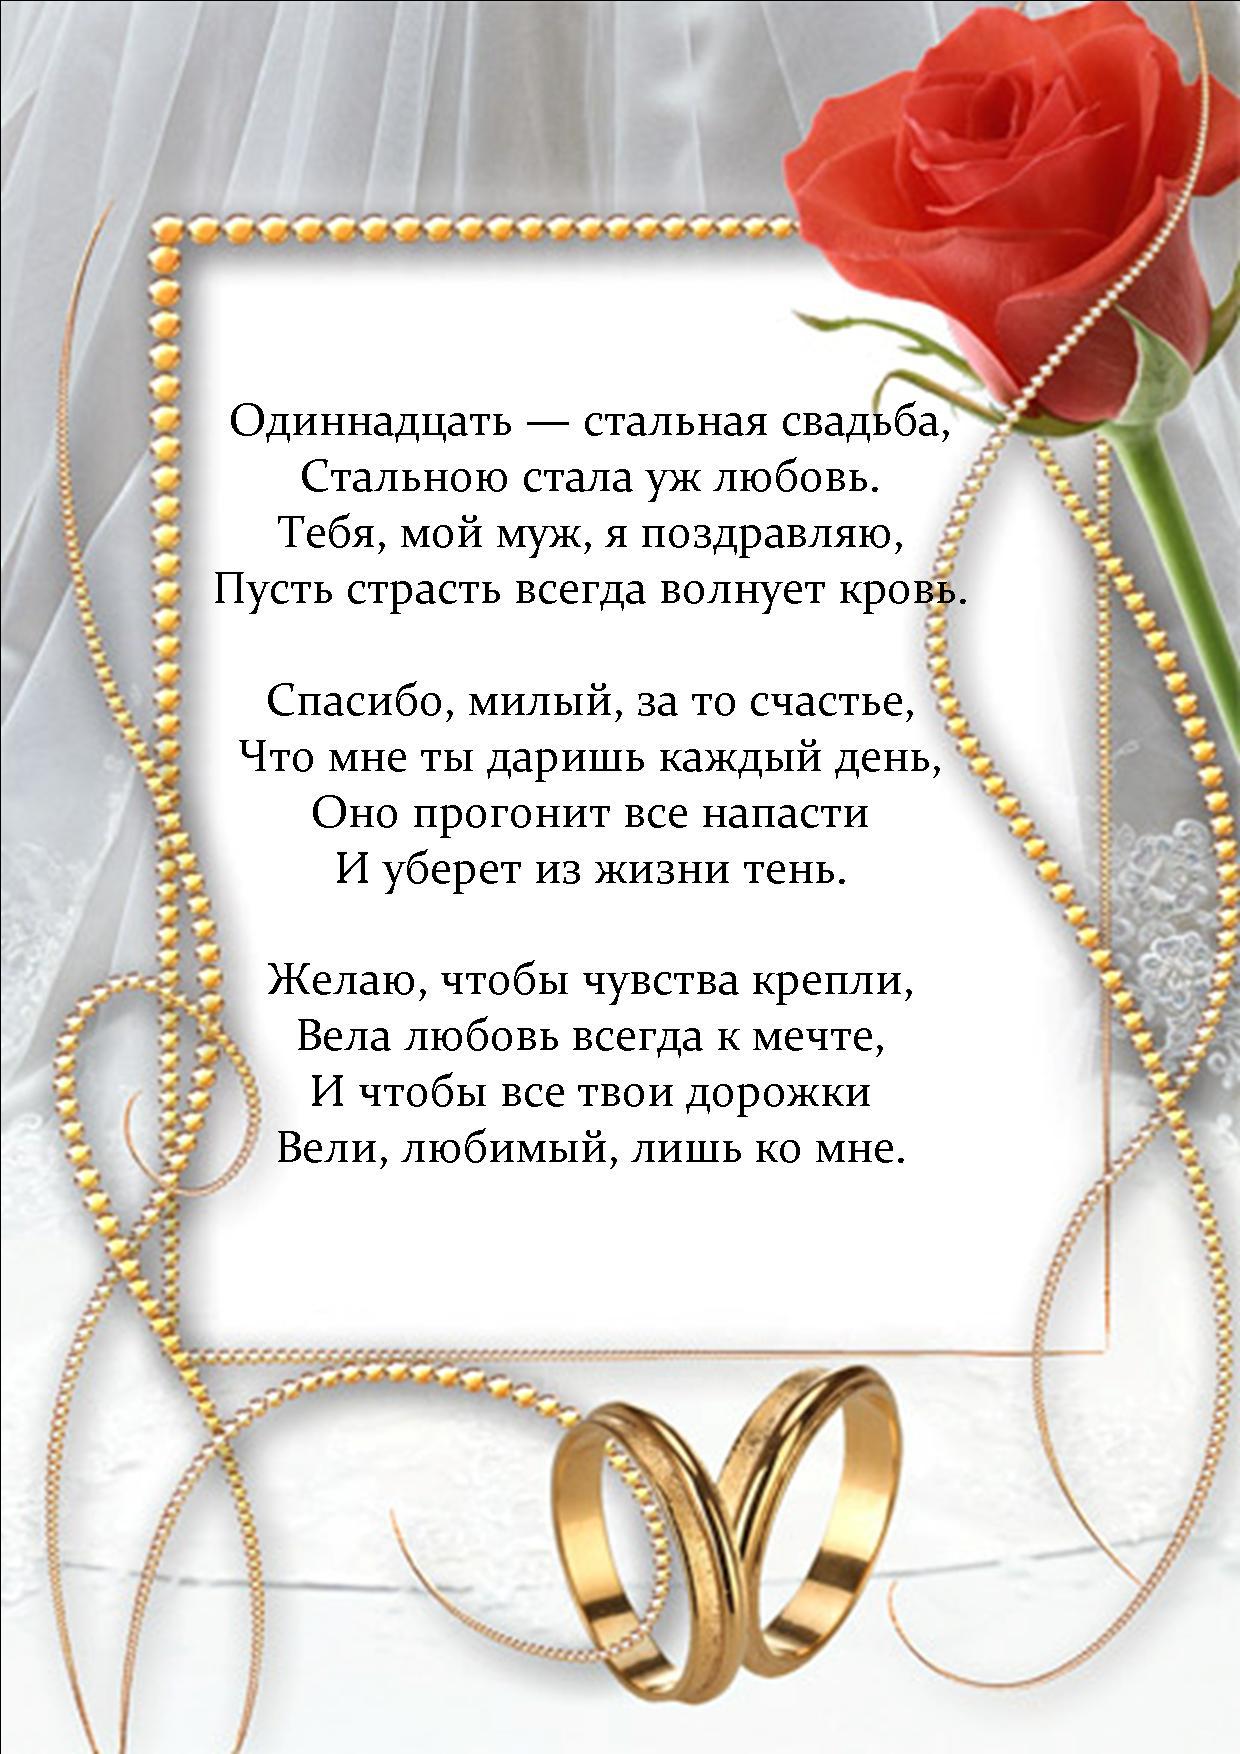 Стихи мужу на атласную свадьбу